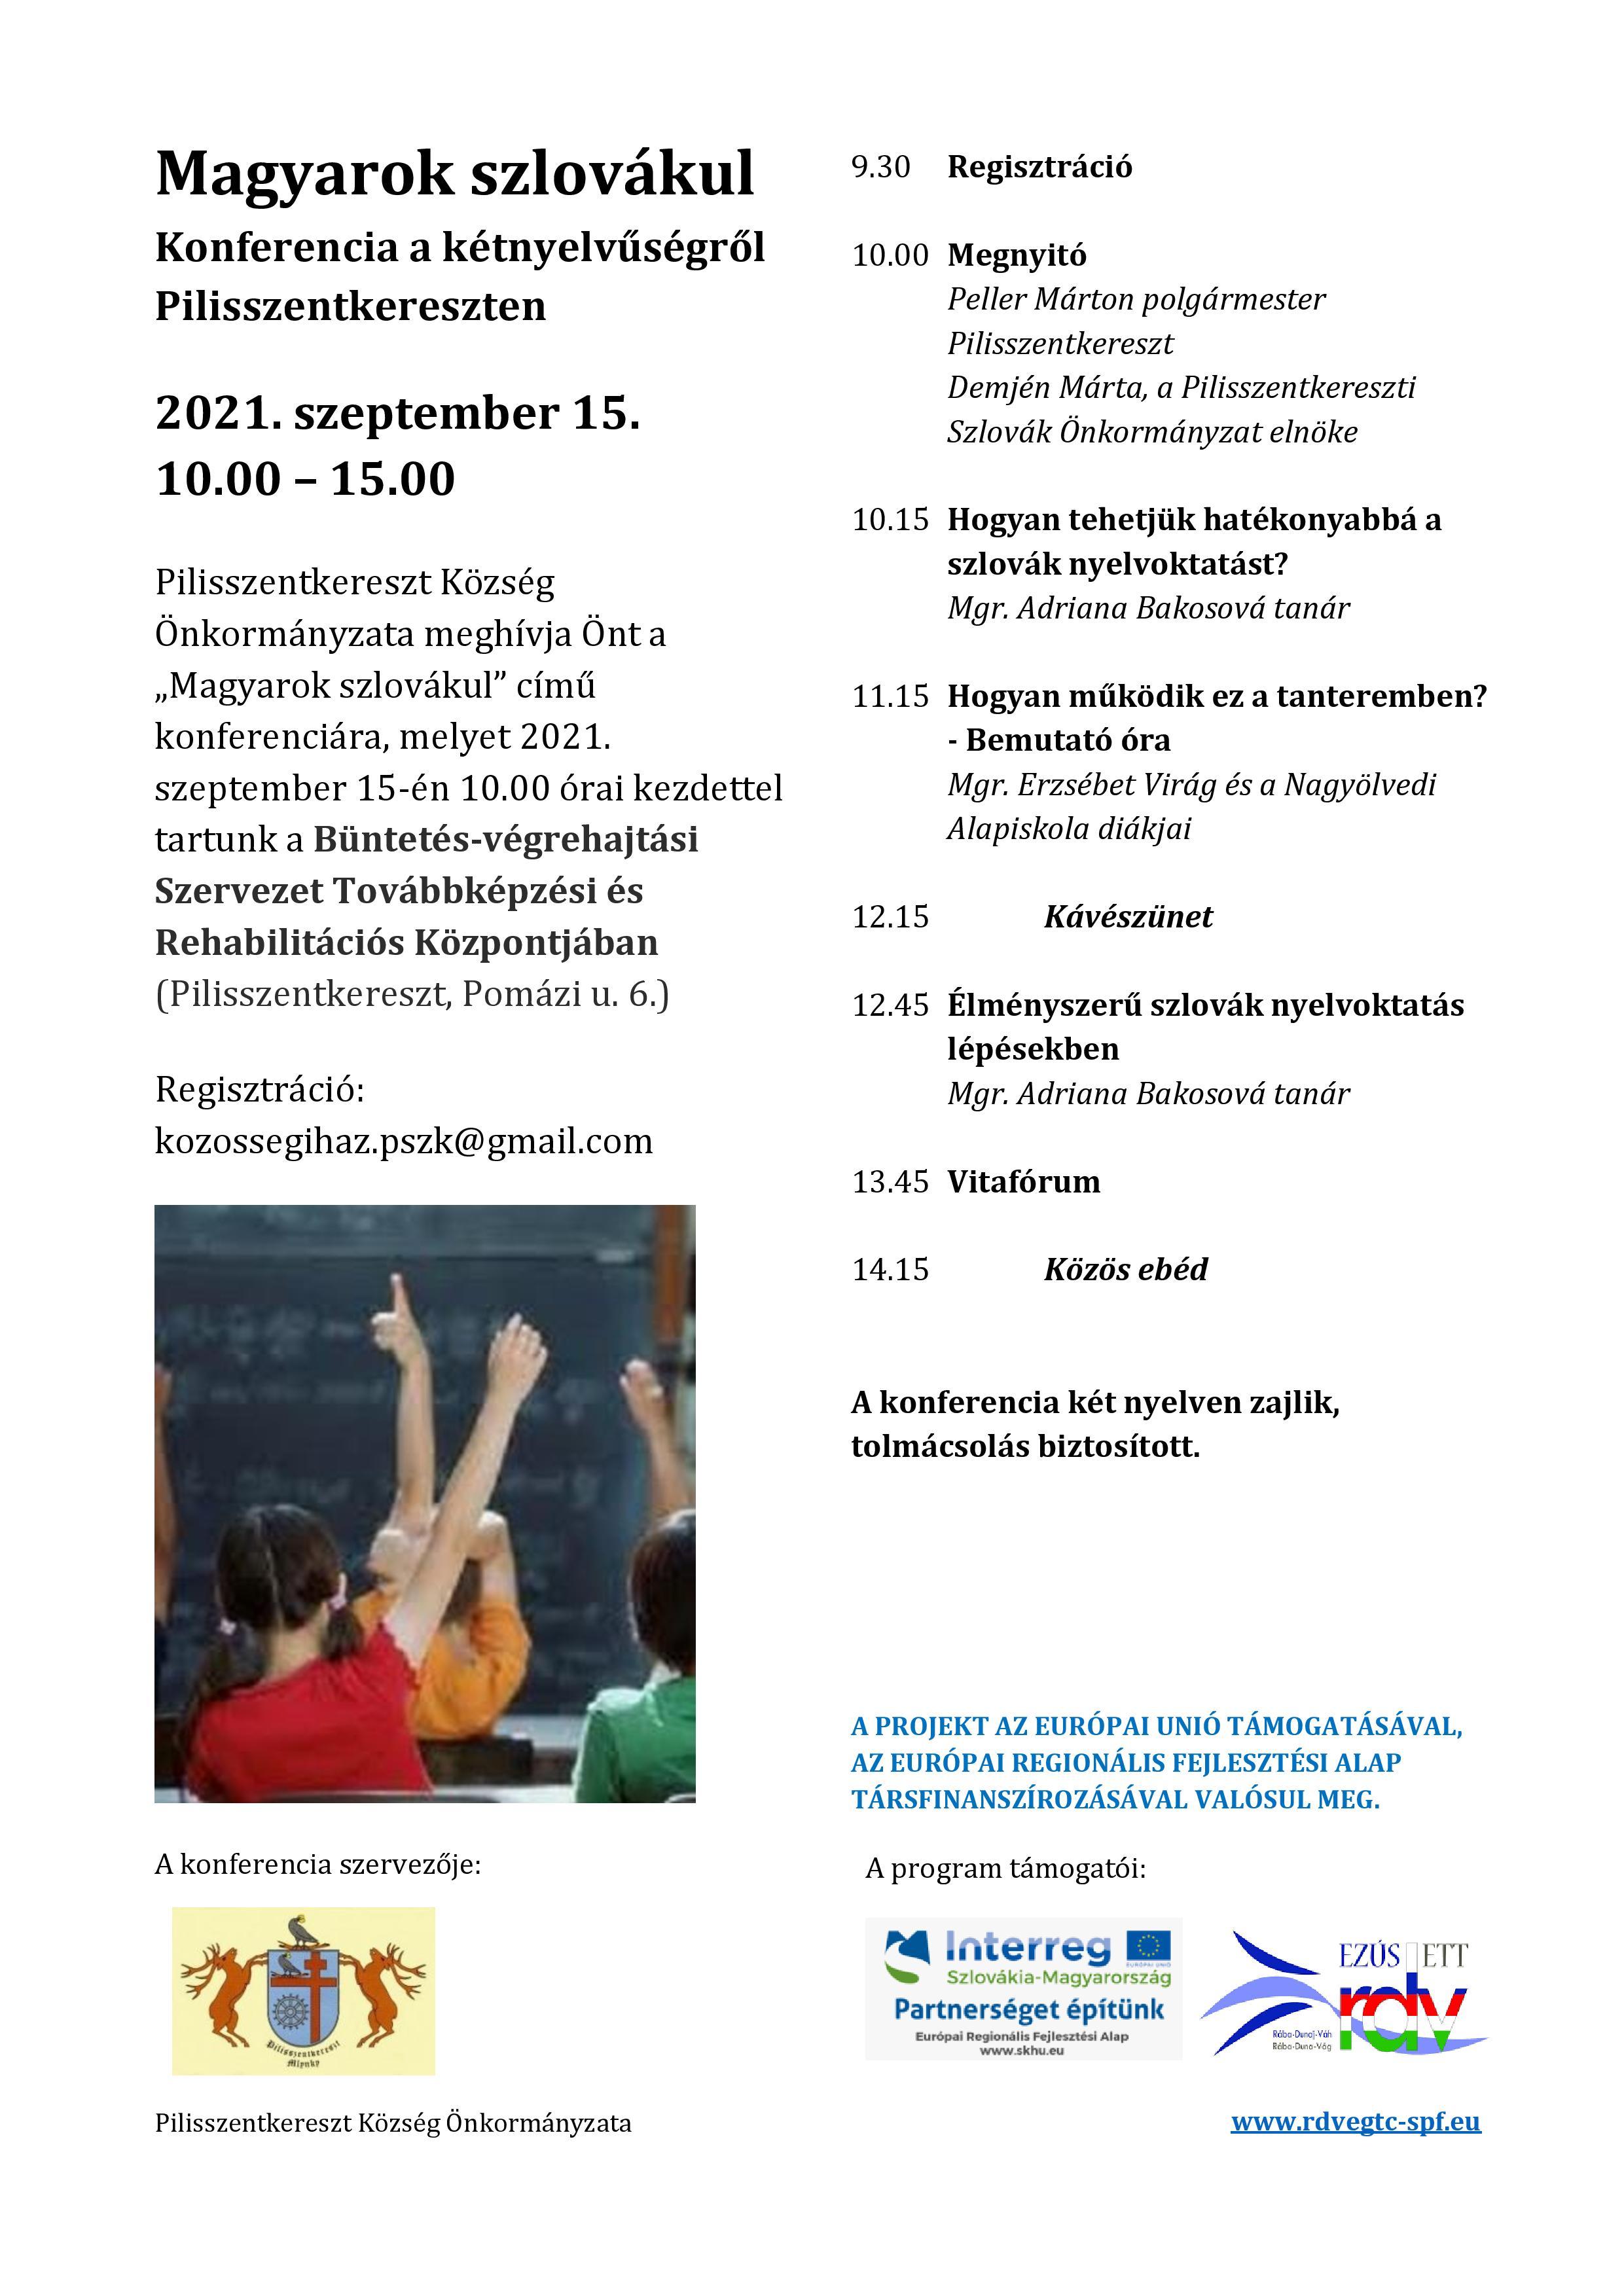 Magyarok szlovákul - Konferencia